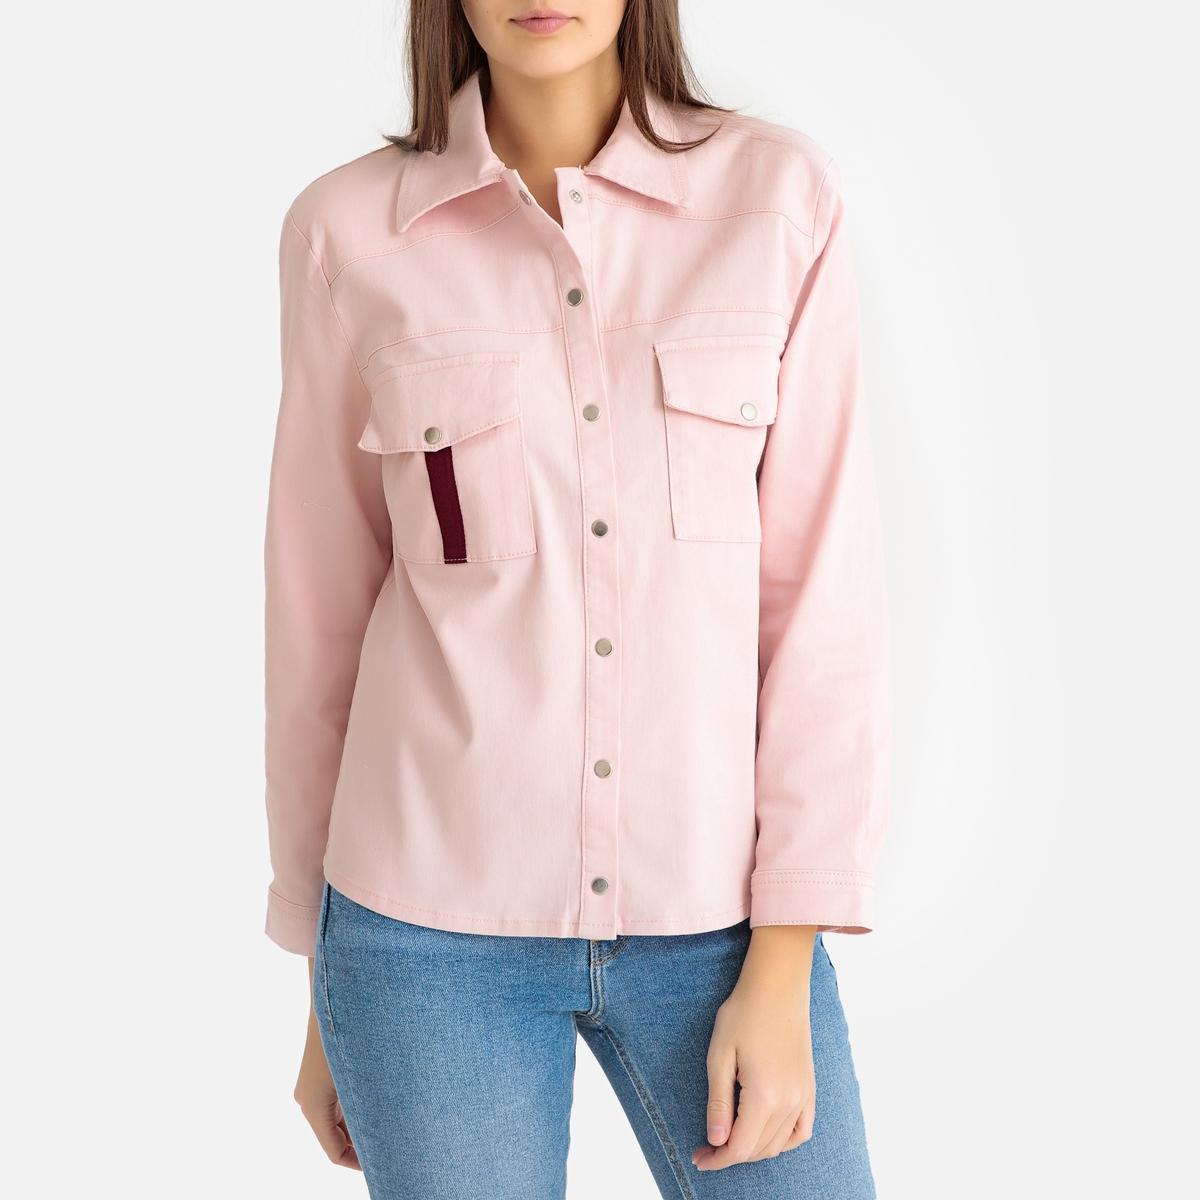 Рубашка-жакет La Redoute CAROLA M розовый жакет m